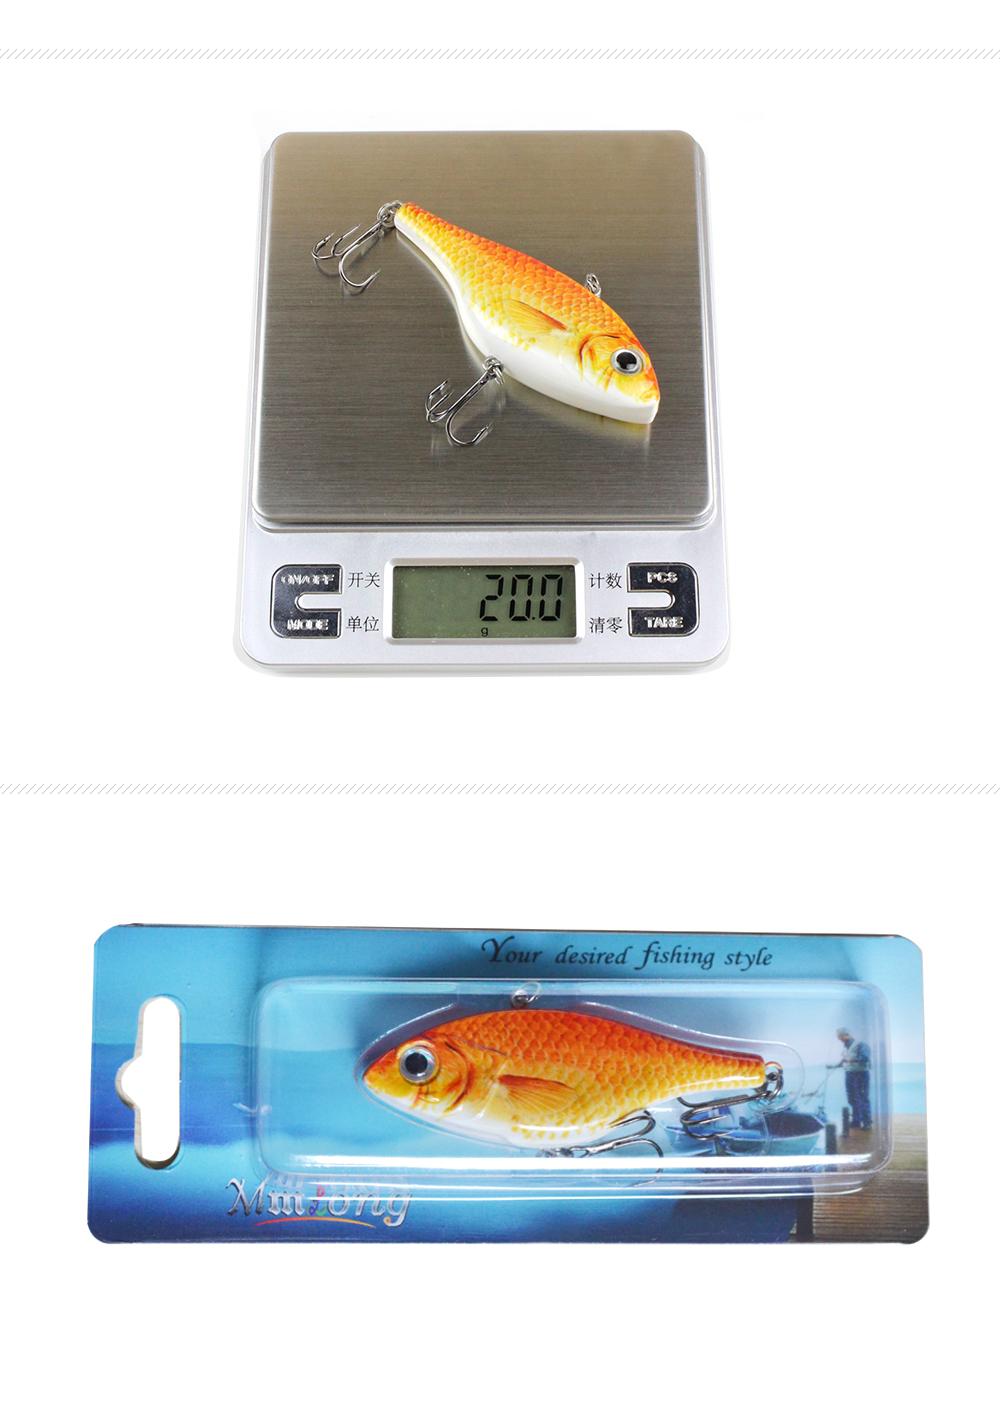 Vib fishing lure_06